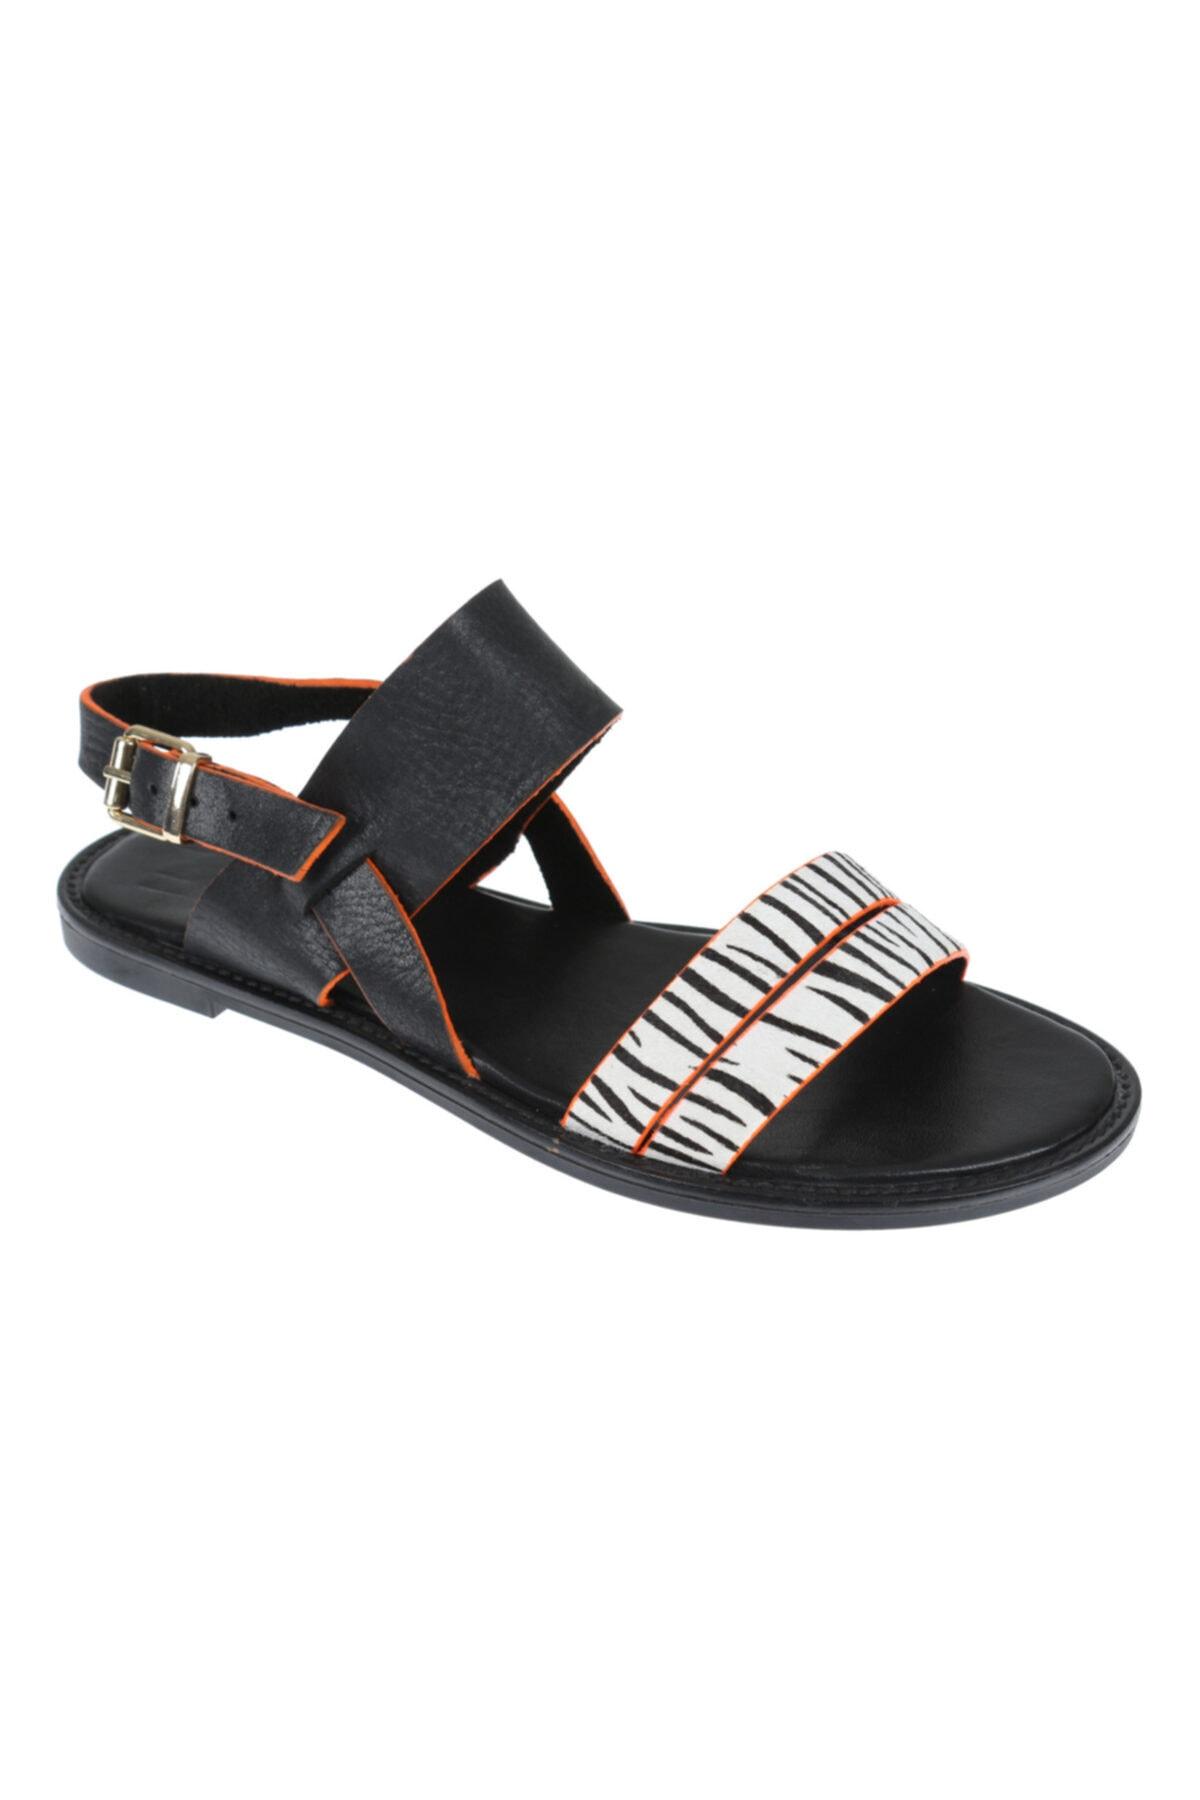 SHALİN Hakiki Deri Siyah Kadın Sandalet 1